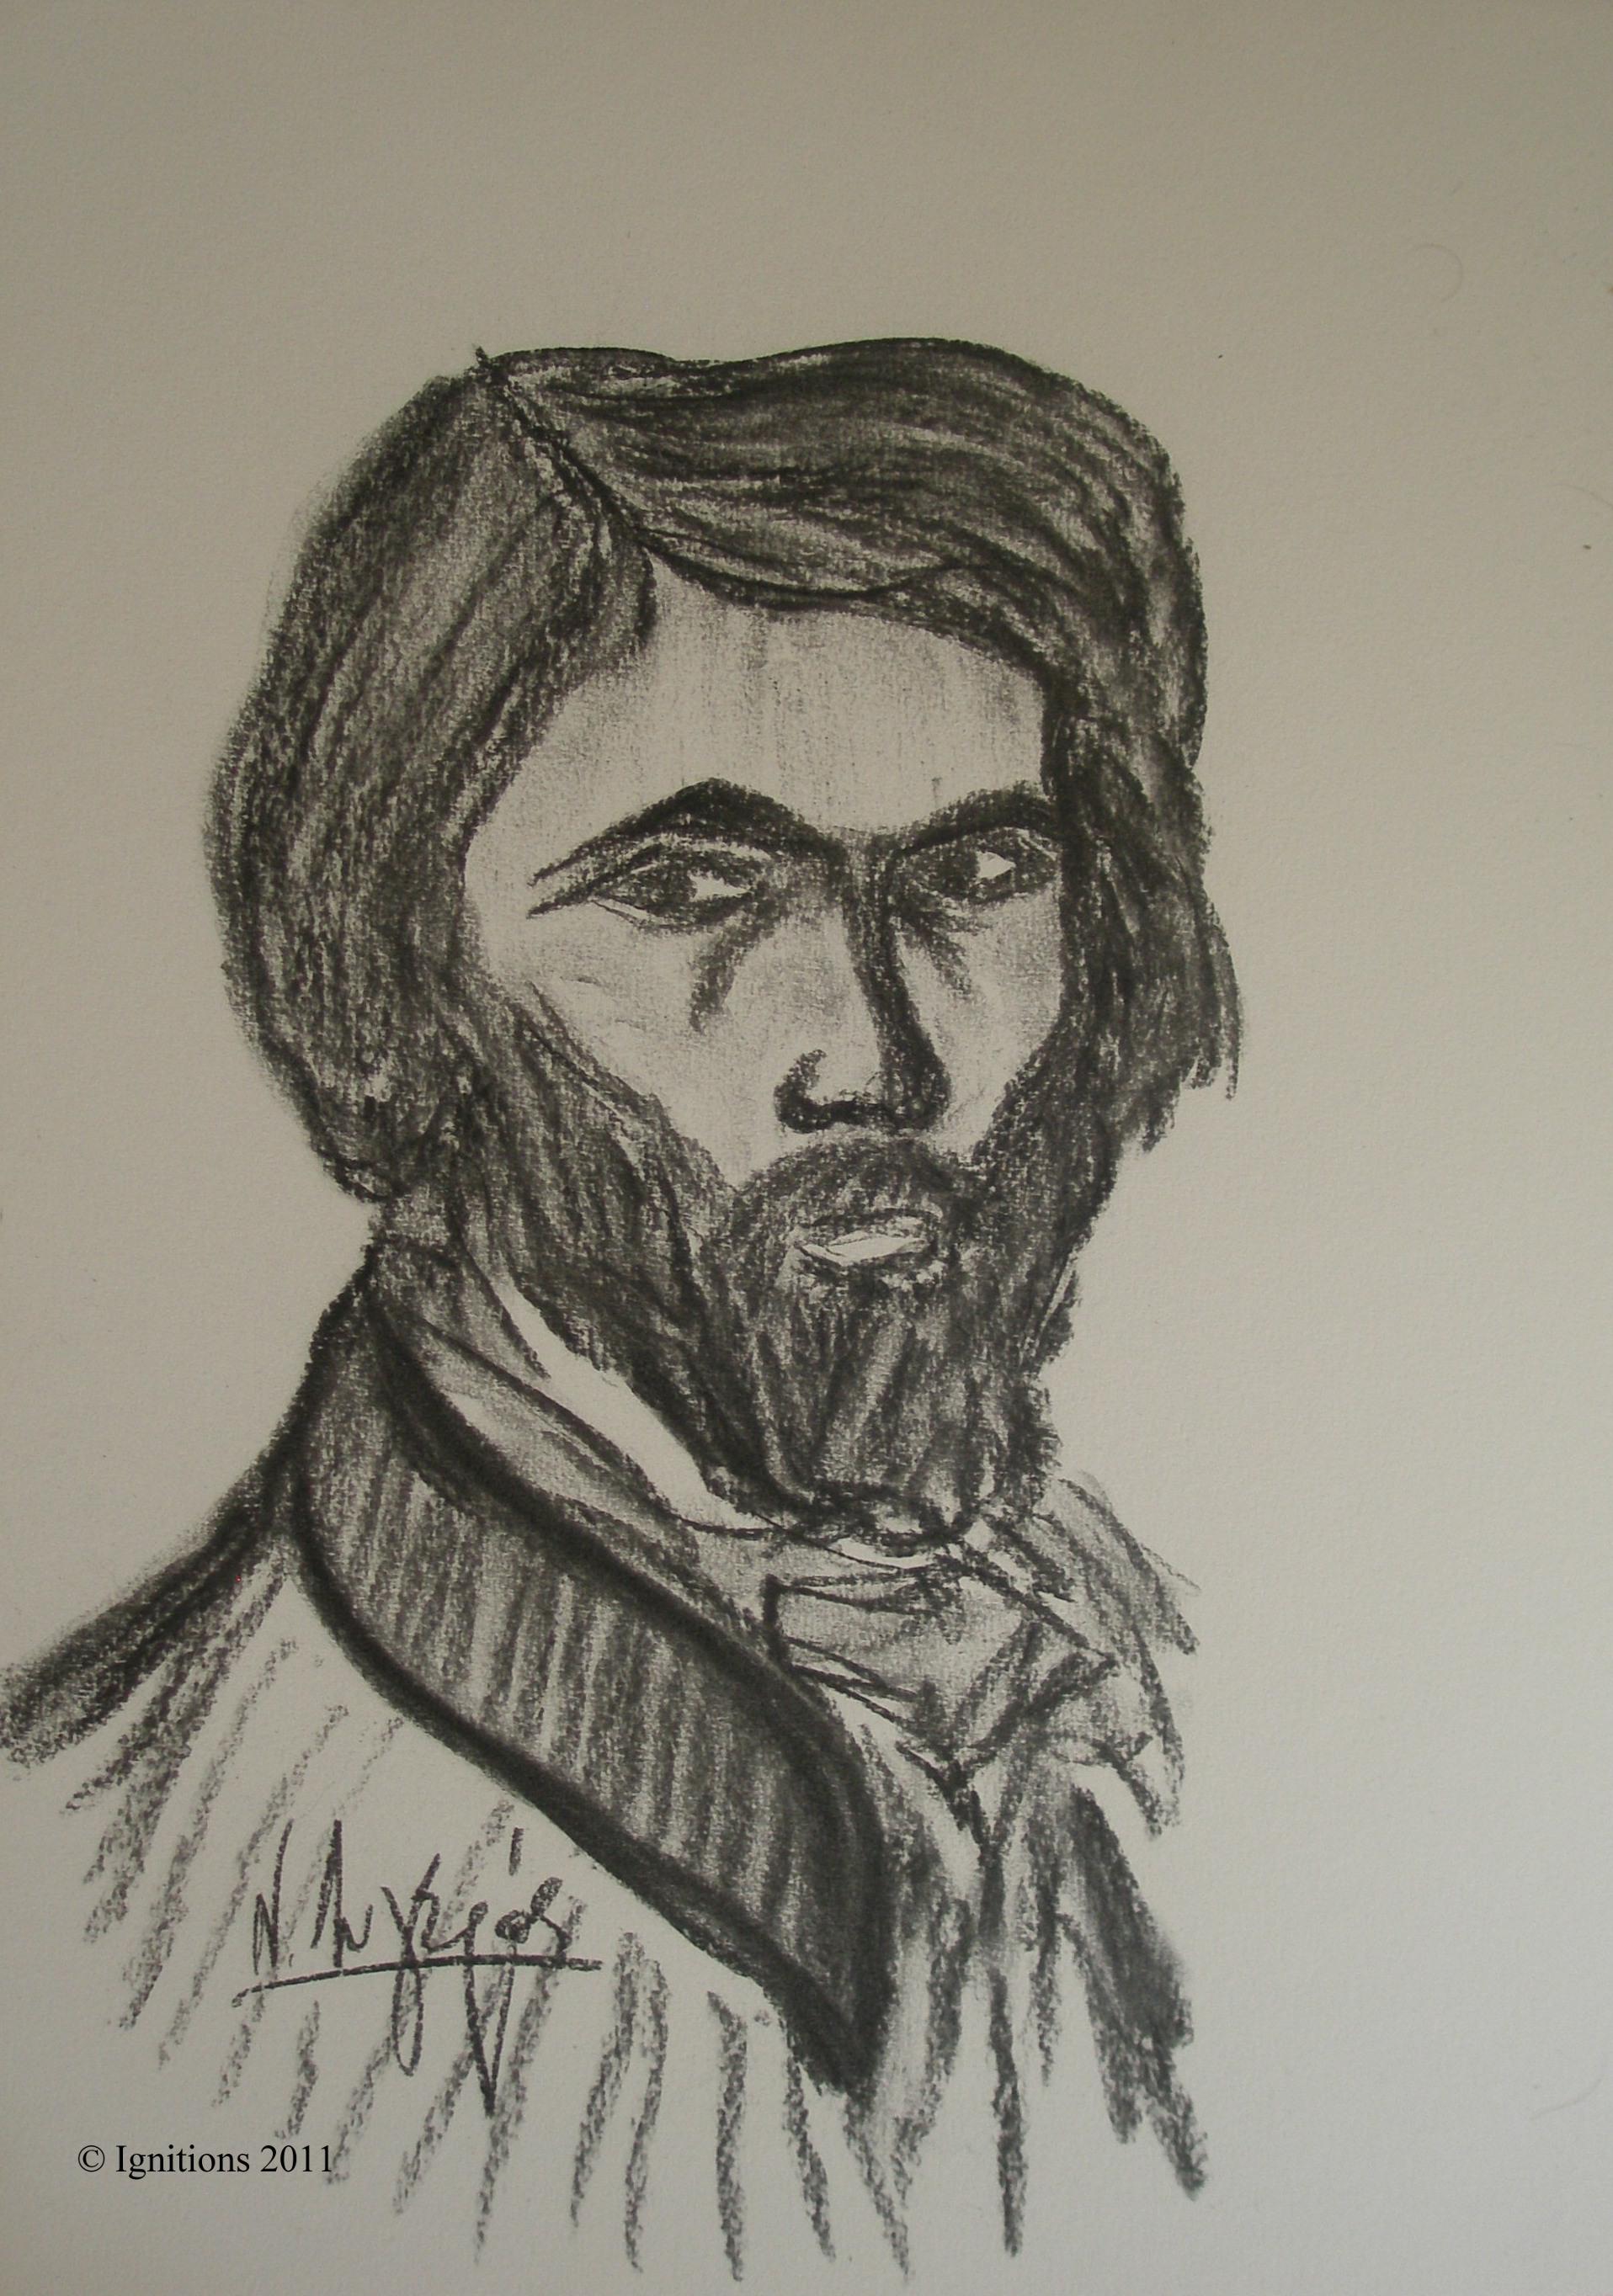 Kaliayev, le poète.